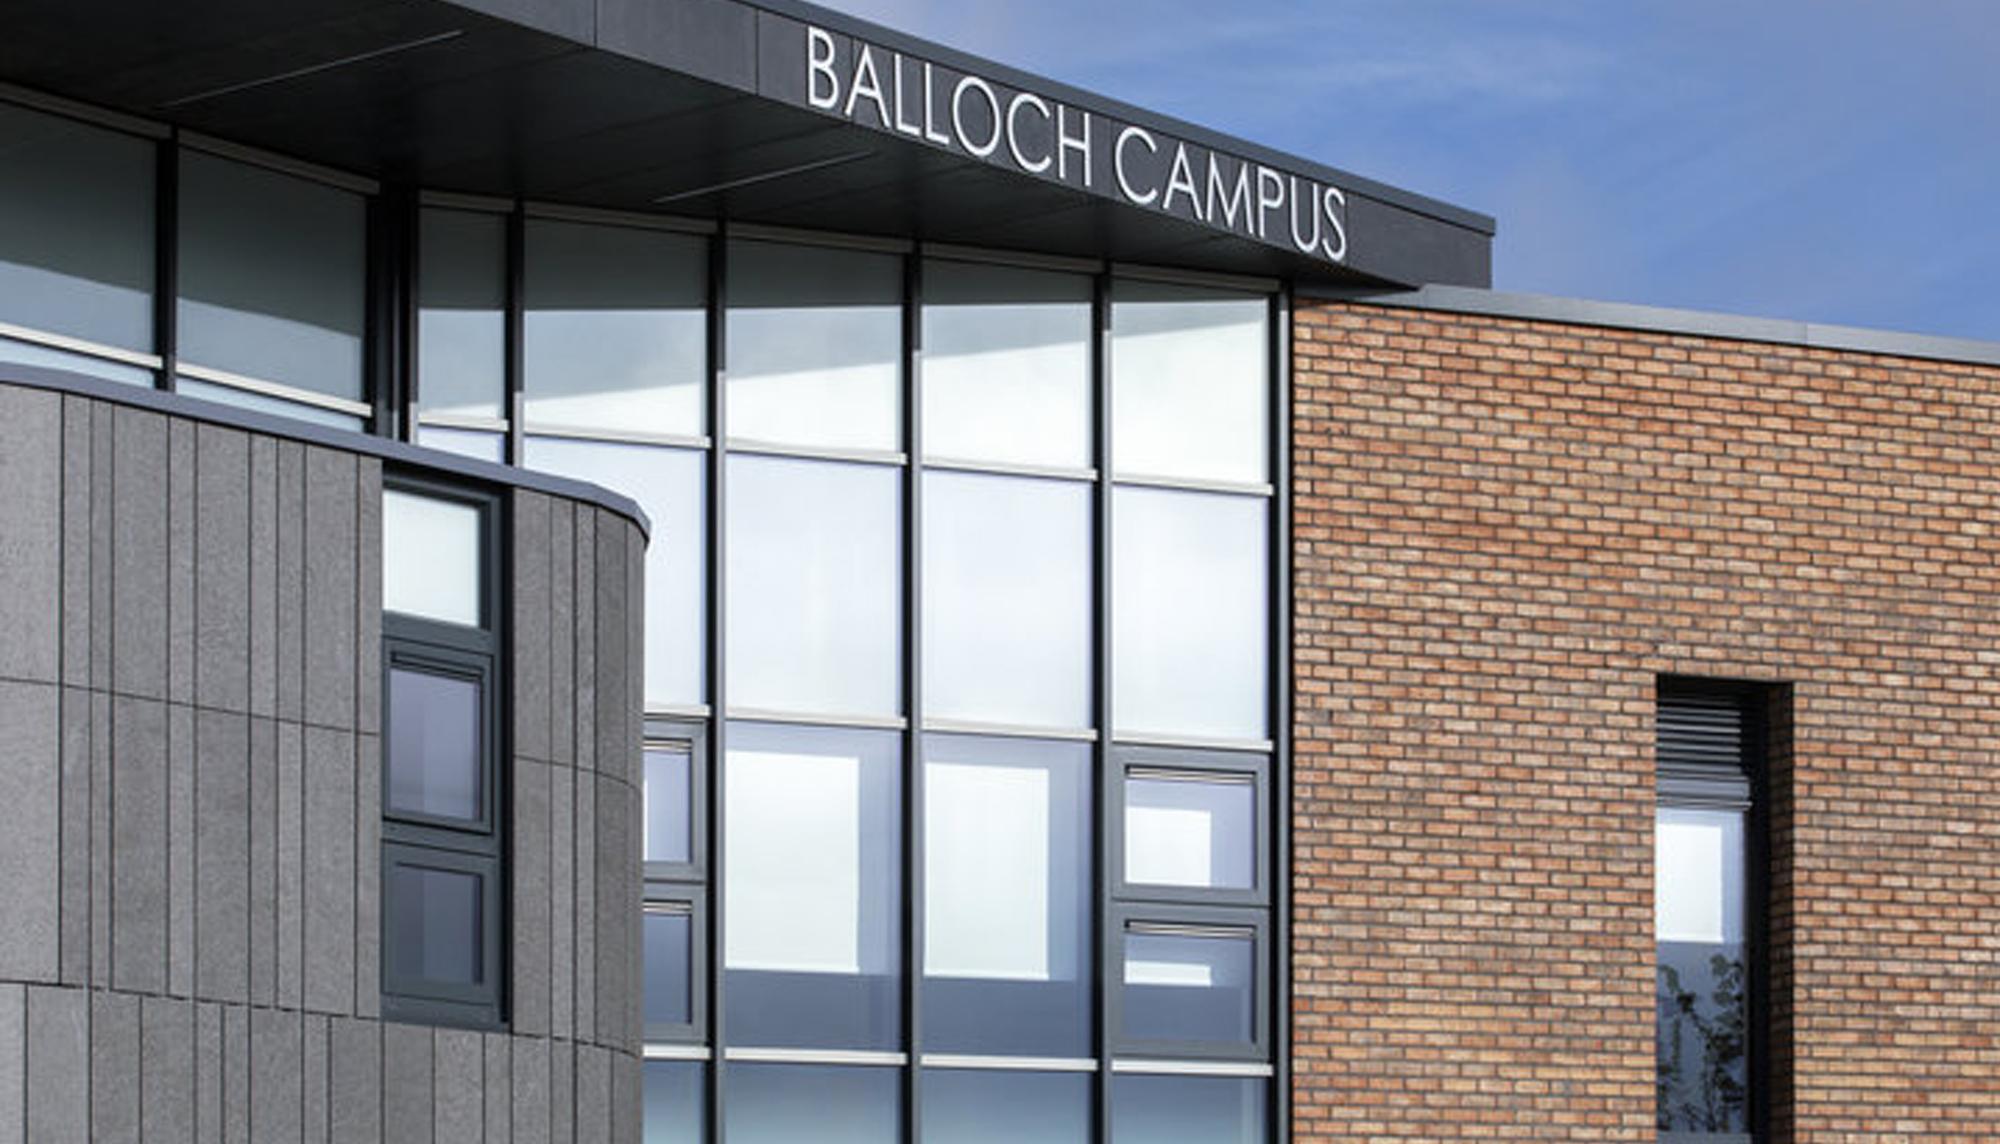 Balloch Campus School